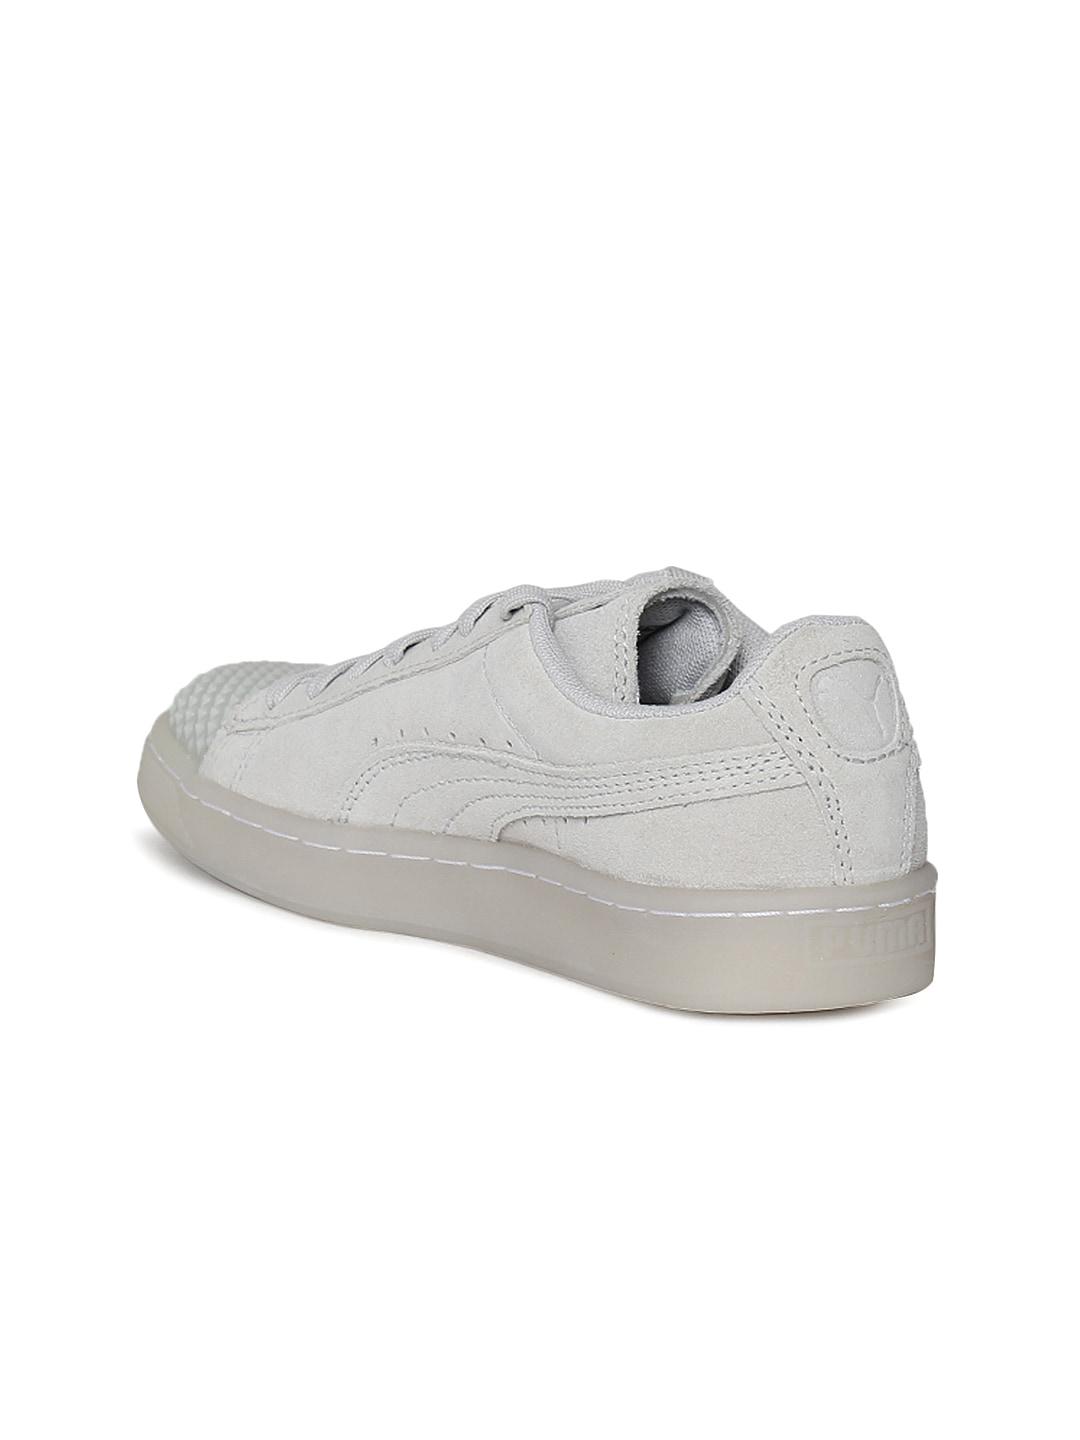 Puma Women Light Grey Suede Jelly SPORTSTYLE Sneakers